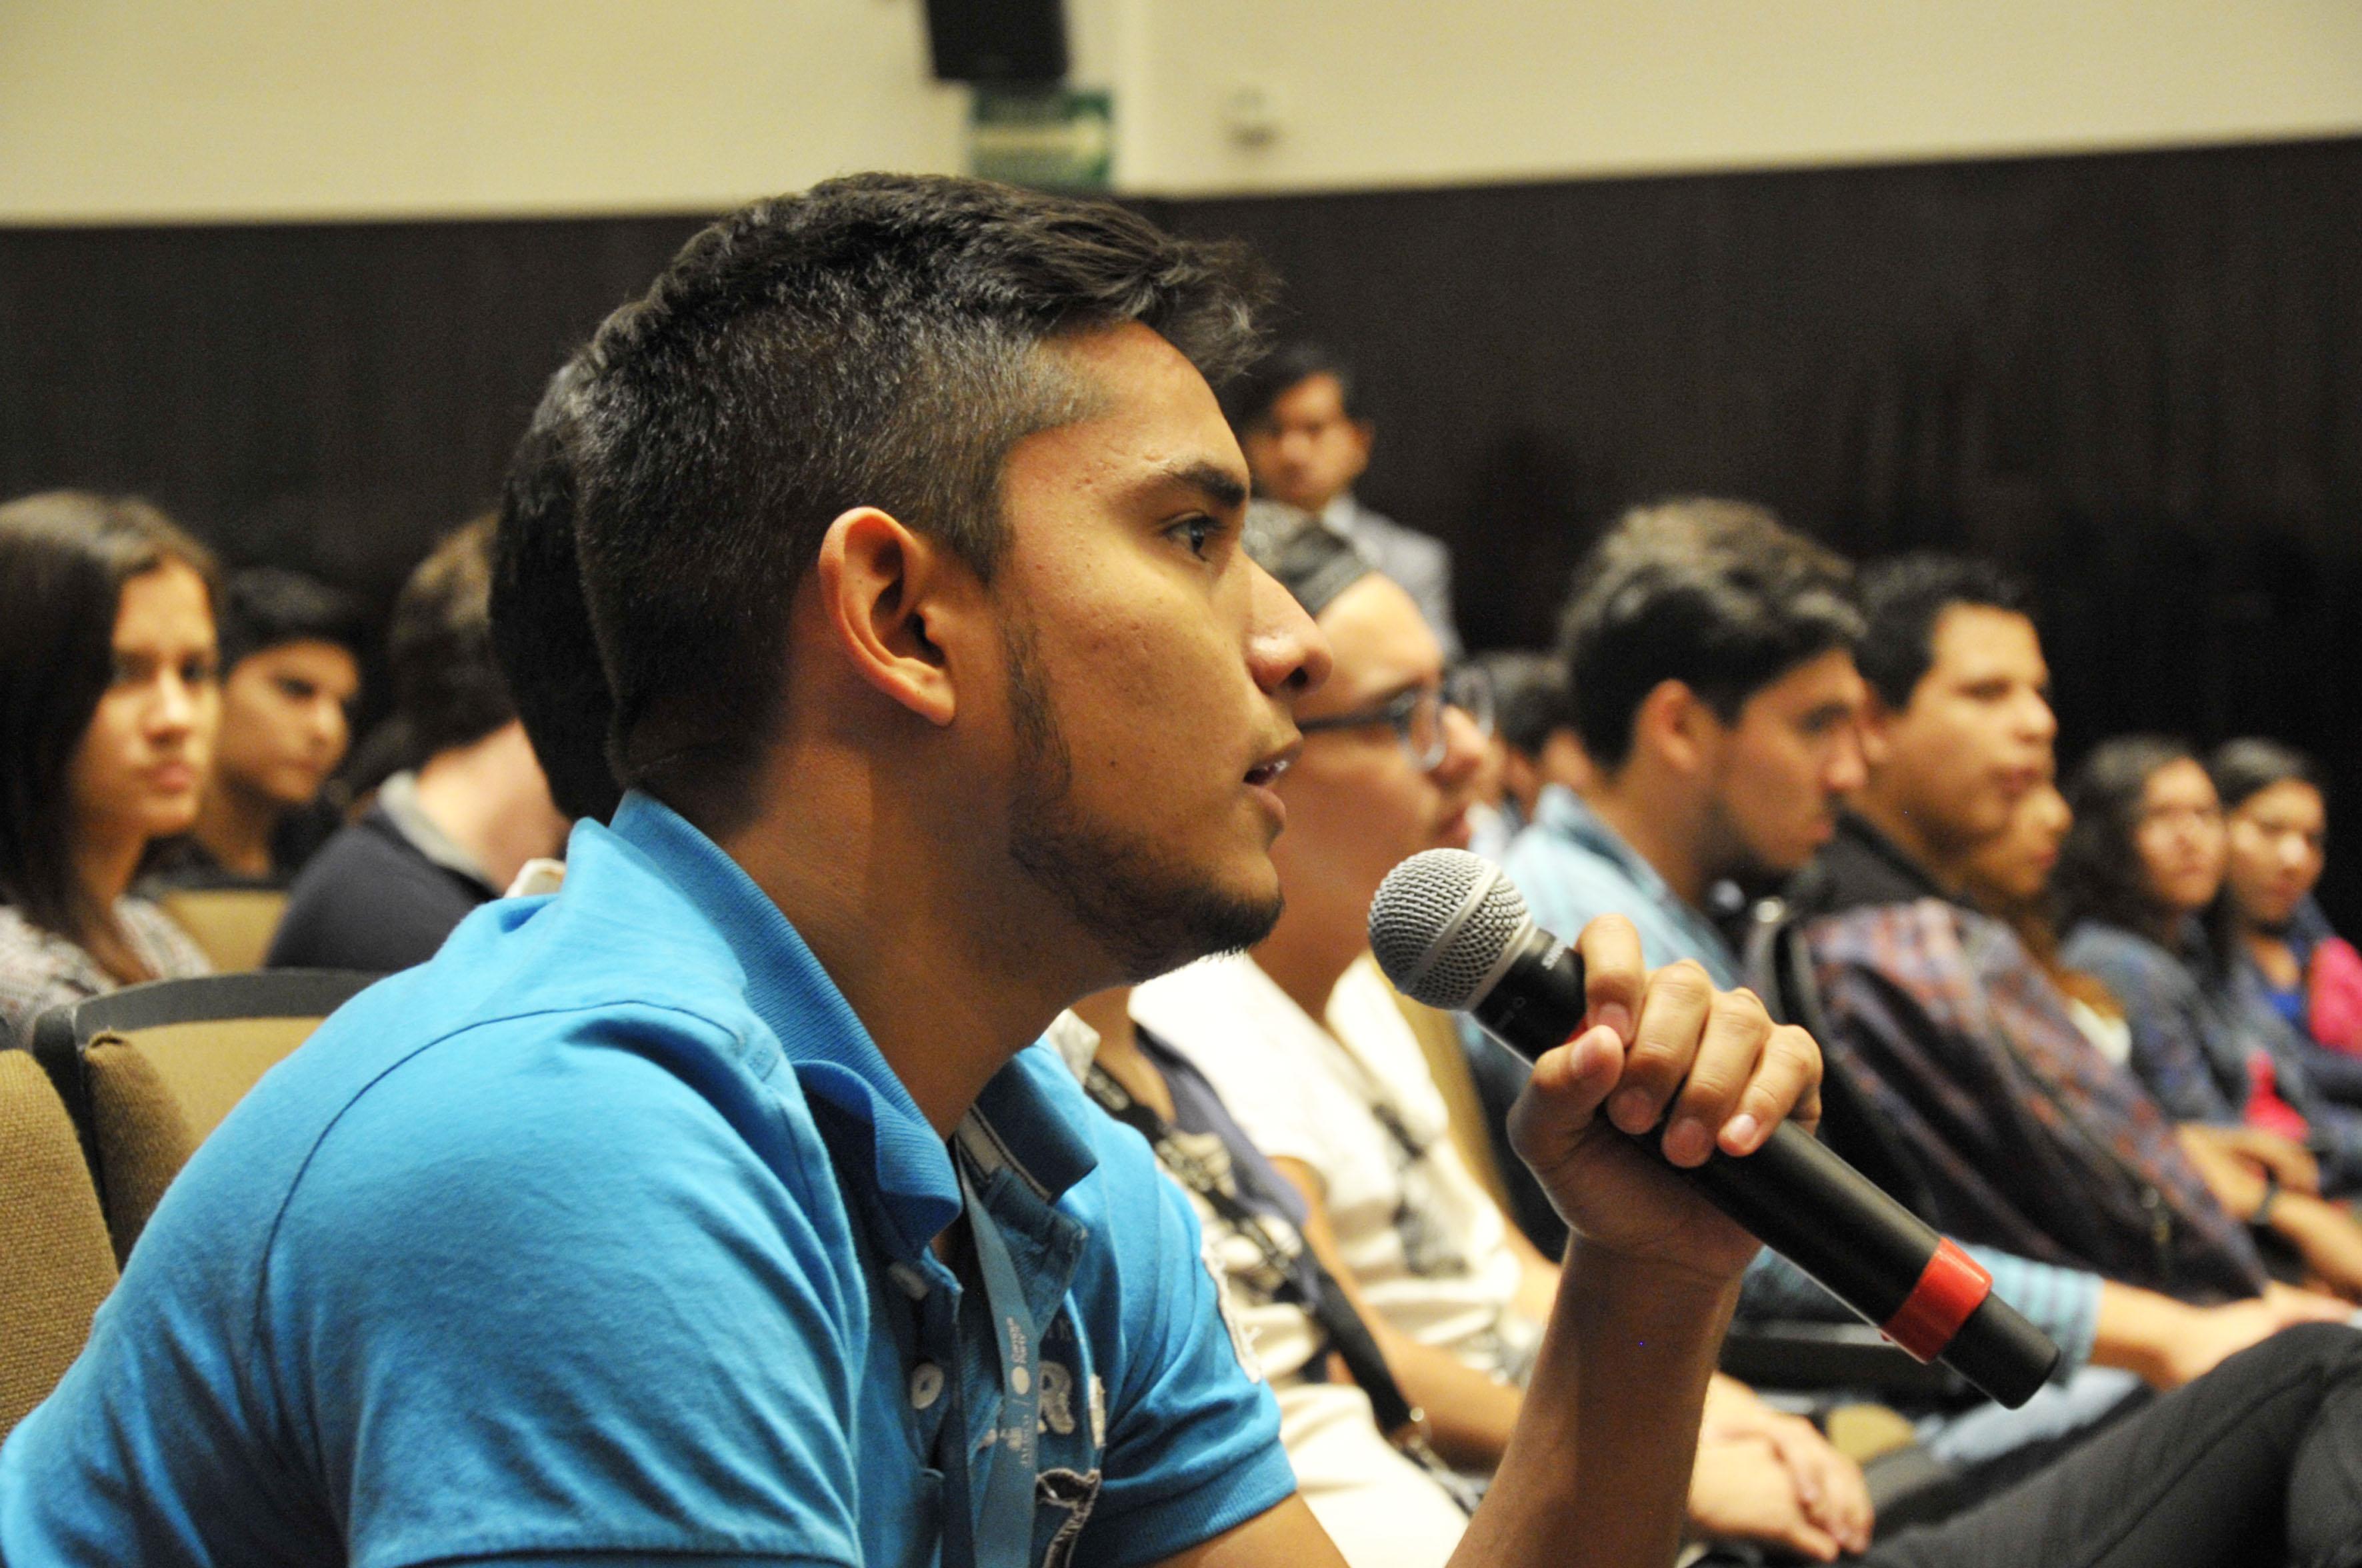 """Alumno participando en la conferencia  """"Educación para sustentabilidad"""""""